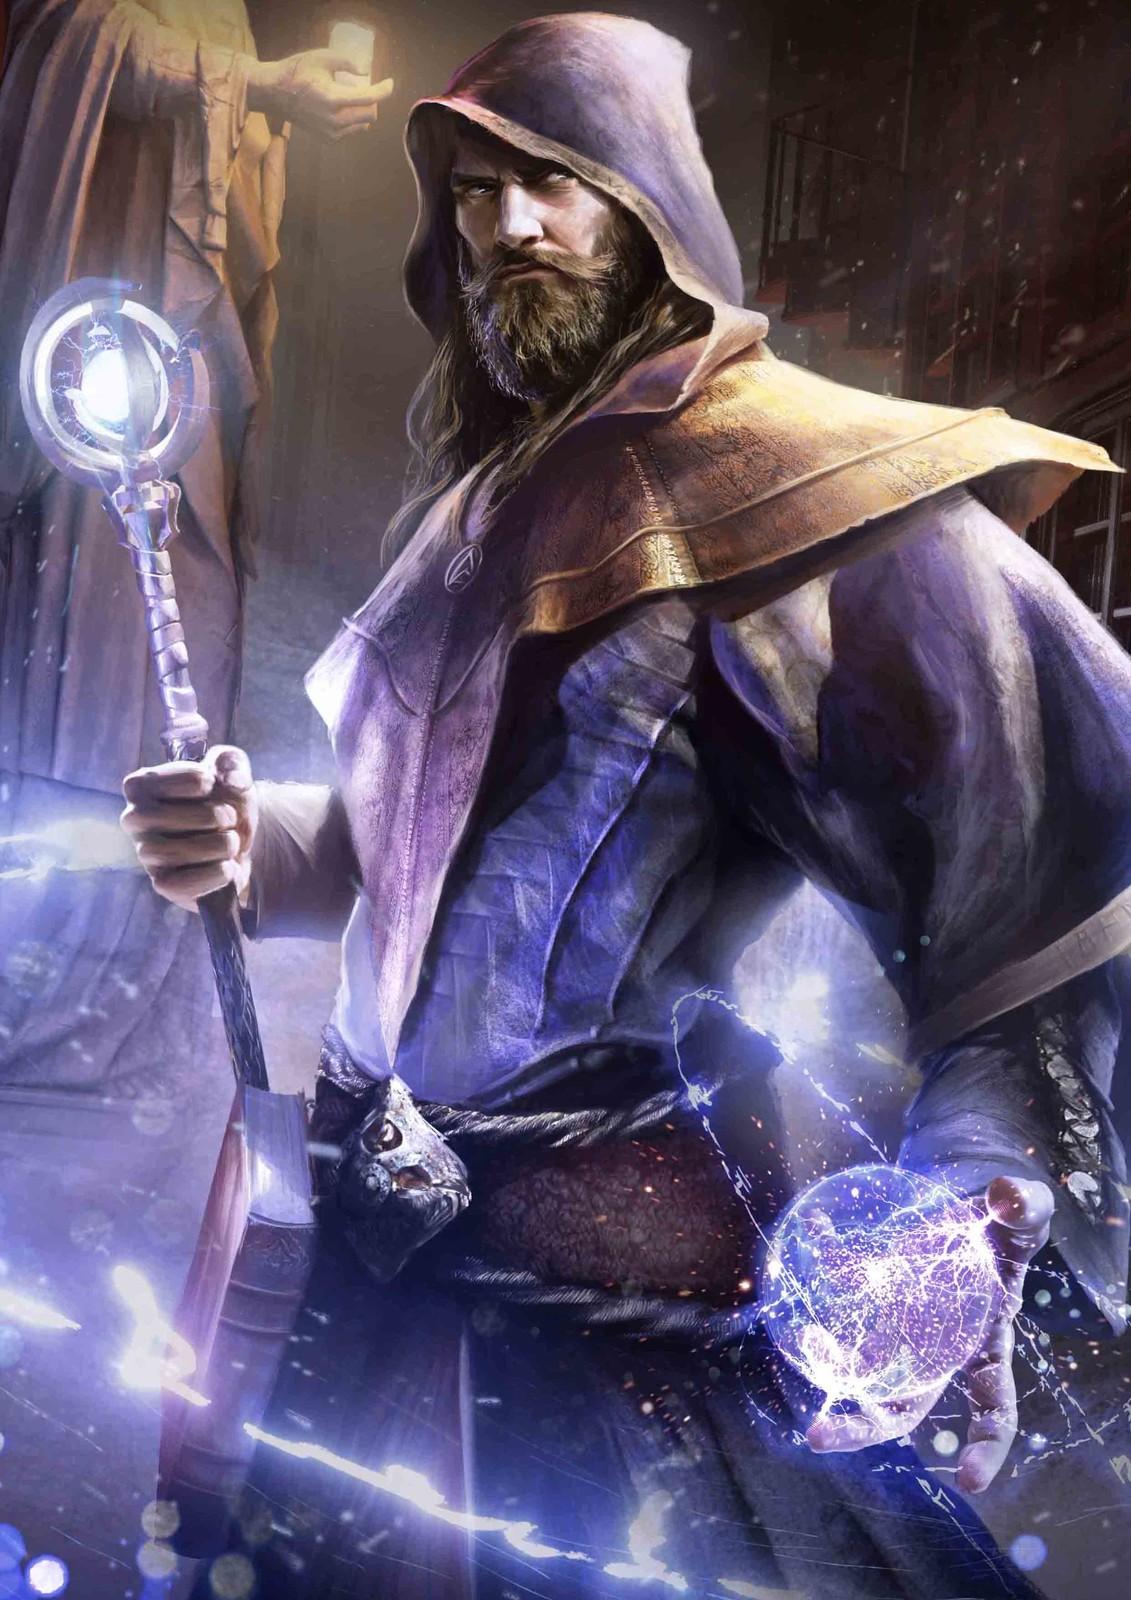 Avelum, the Wizard